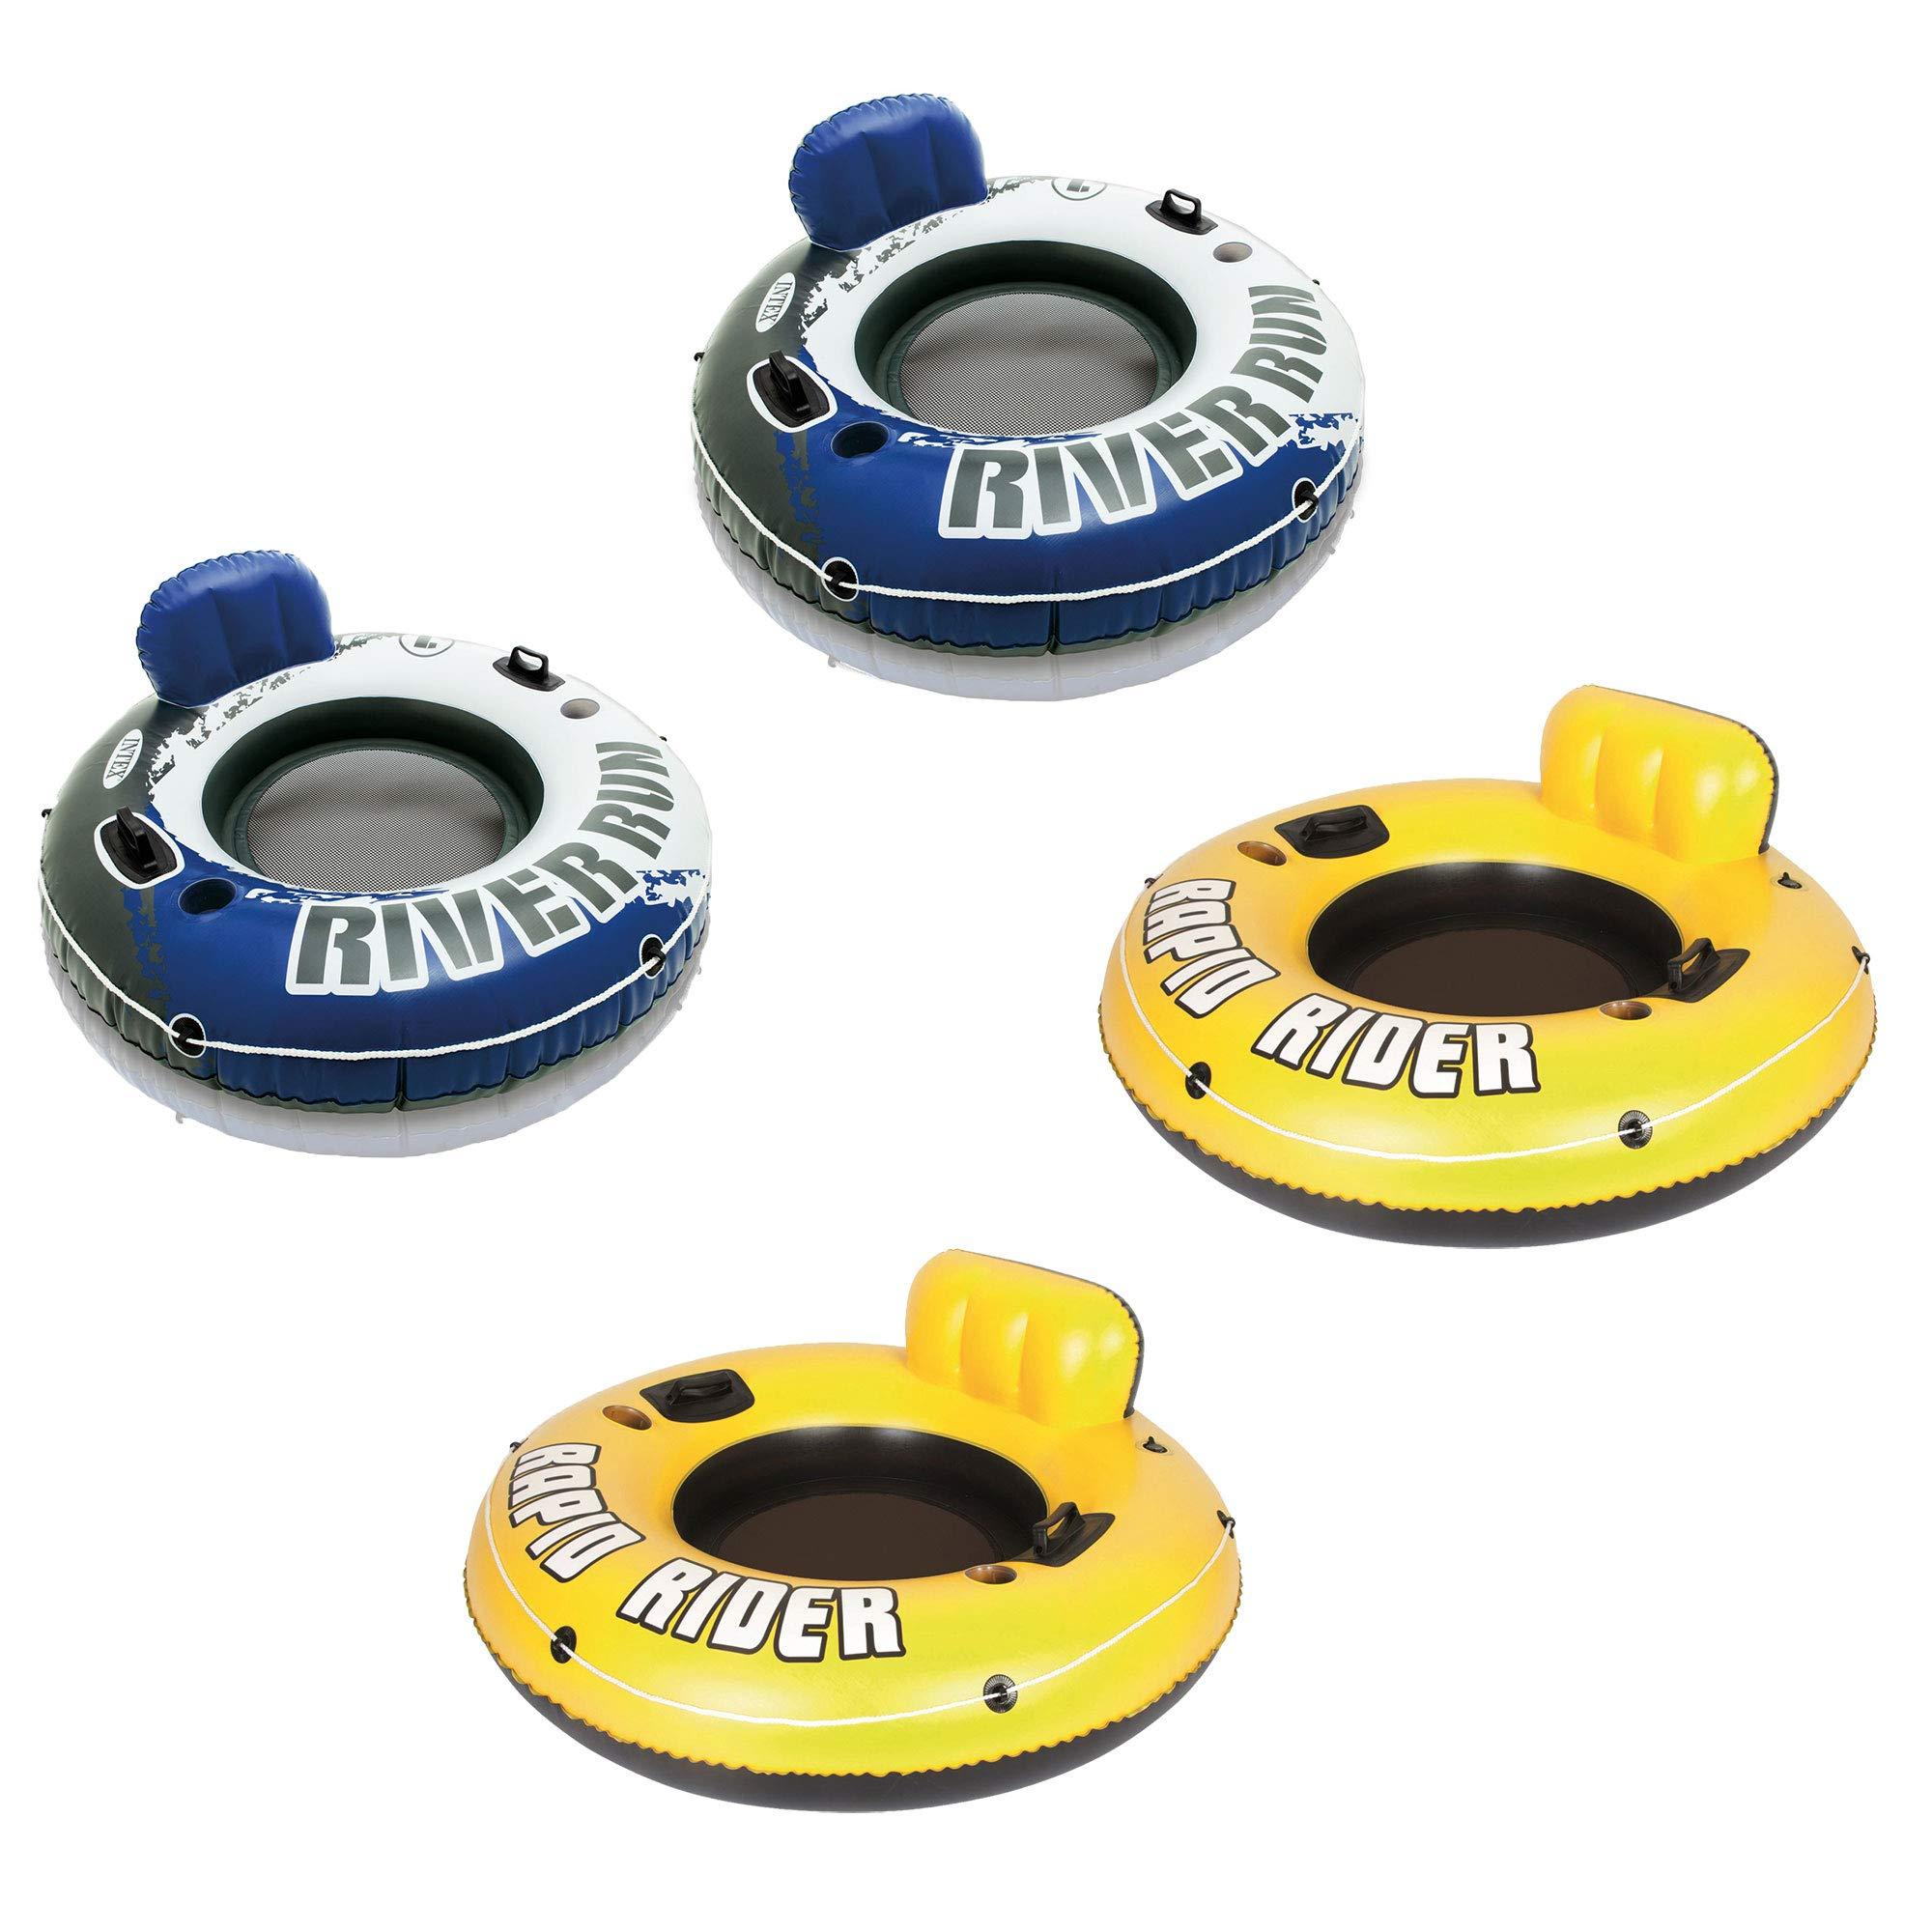 Bestway Rapid Rider 53'' Inflatable Tube (2 Pack) & Intex River Run Tube (2 Pack) by Bestway